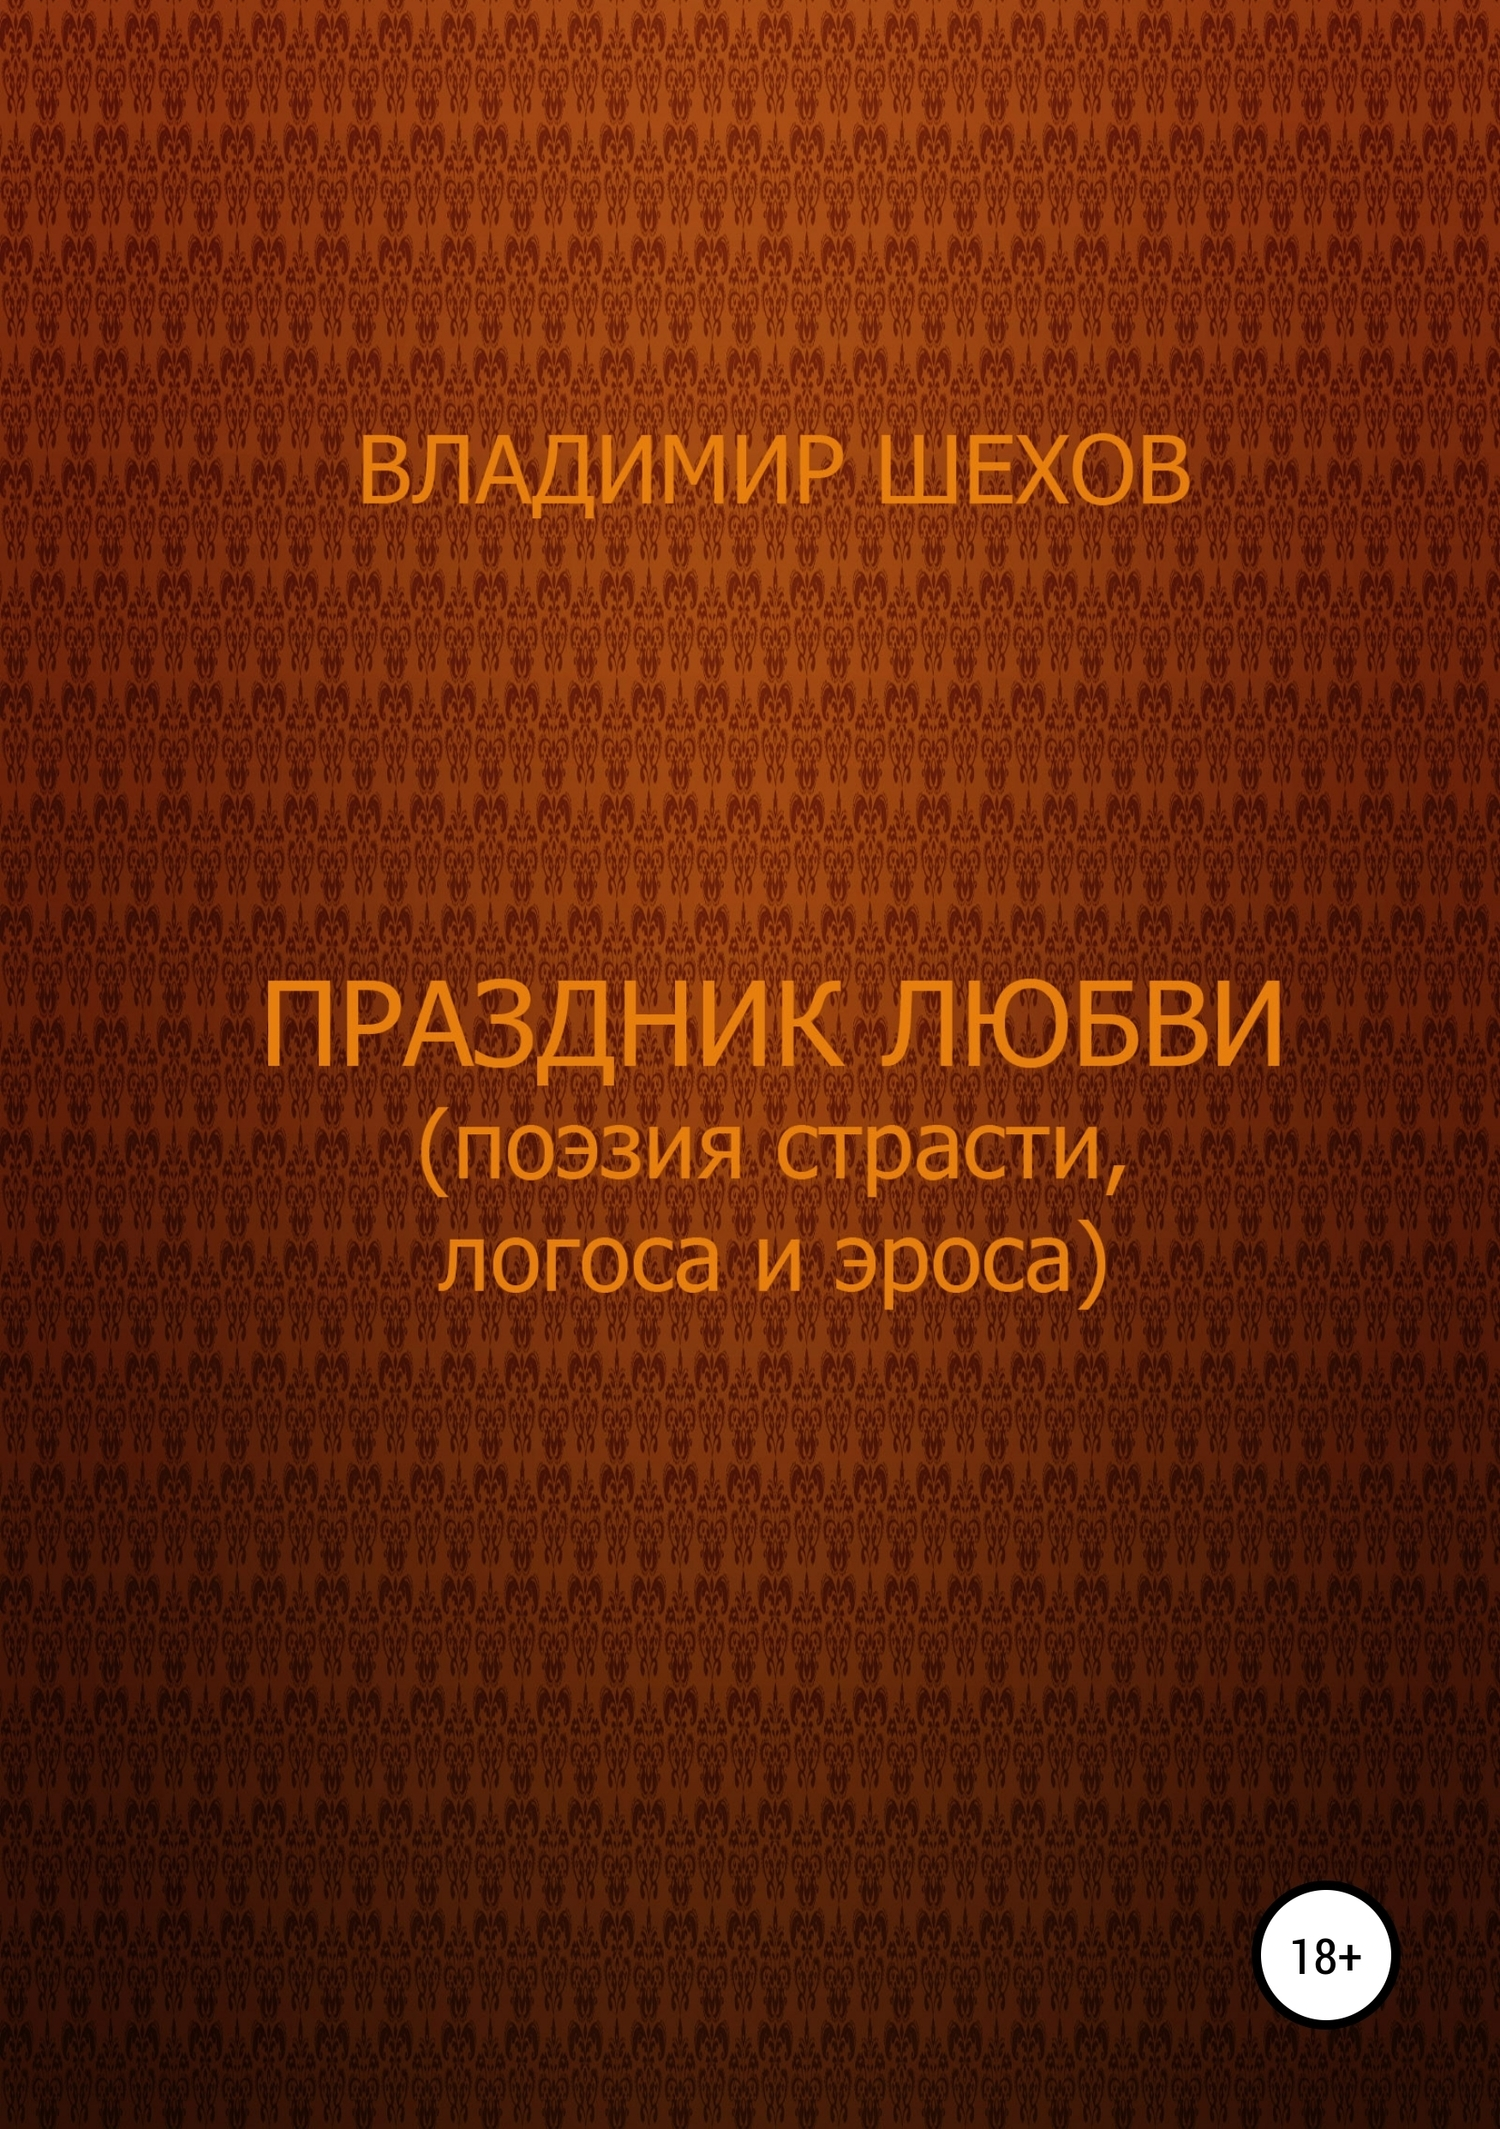 Владимир Шехов - Праздник любви (поэзия страсти, логоса и эроса)